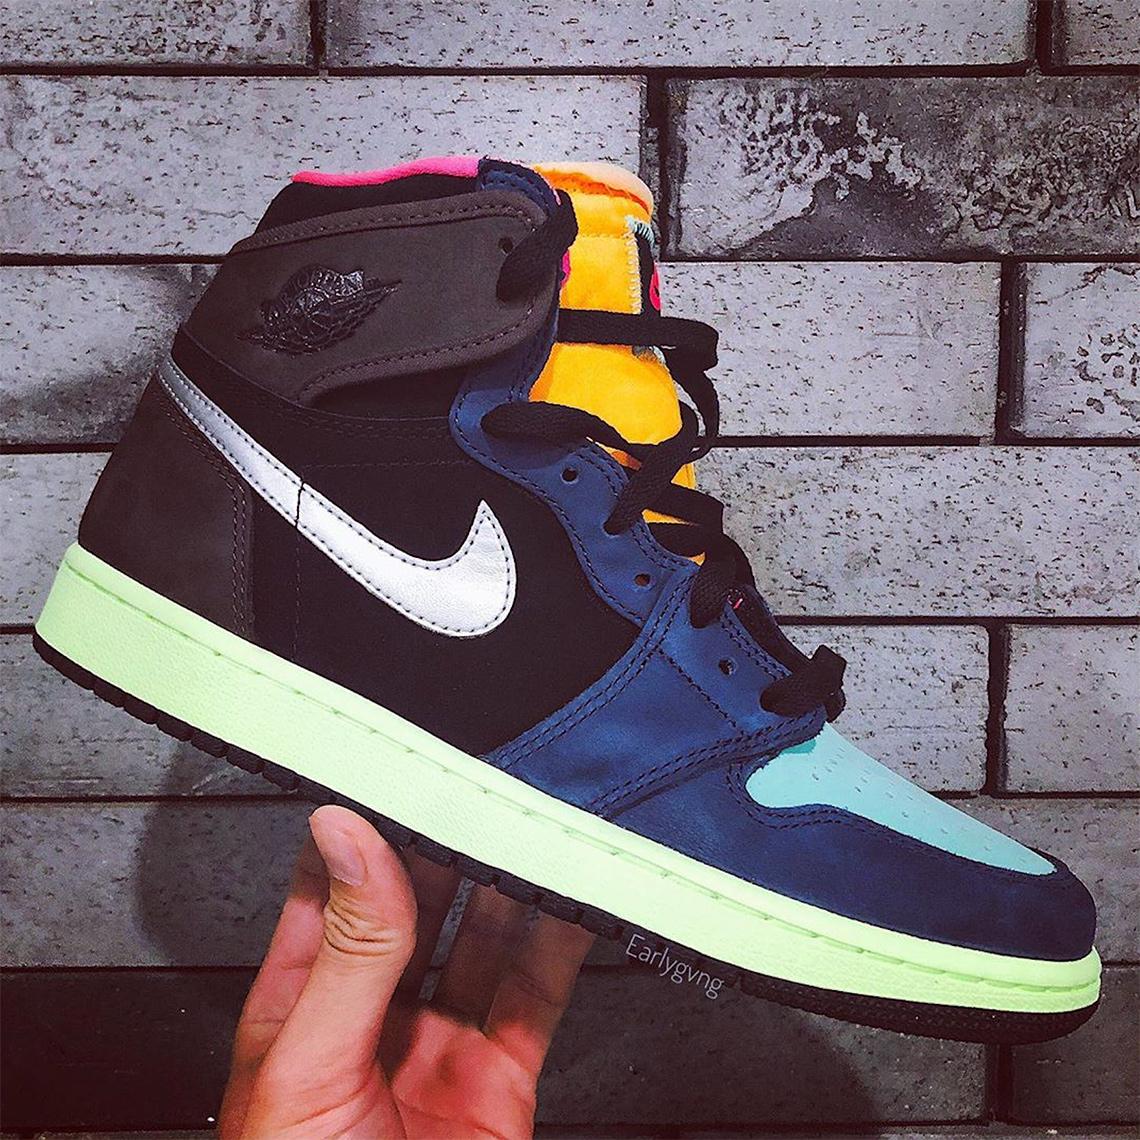 Air Jordan 1 High Brown Blue 555088-201 | SneakerNews.com